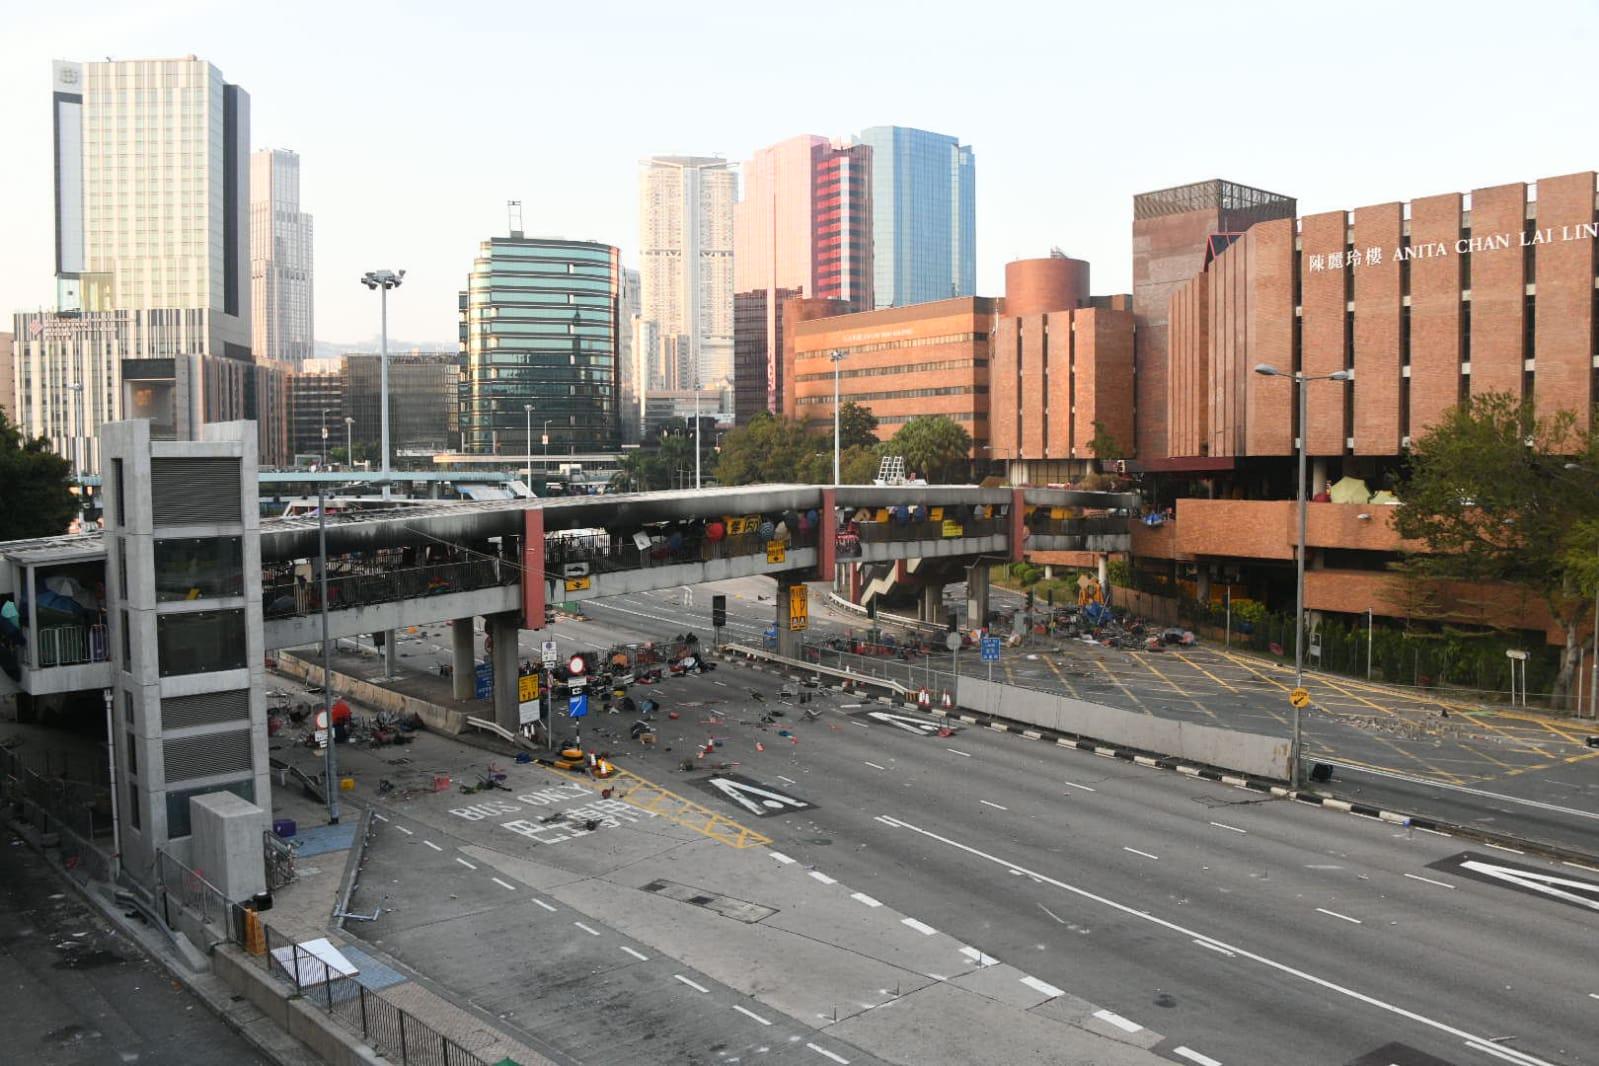 運輸署宣布,因應紅隧設施受到破壞,未能在短時間內開通。